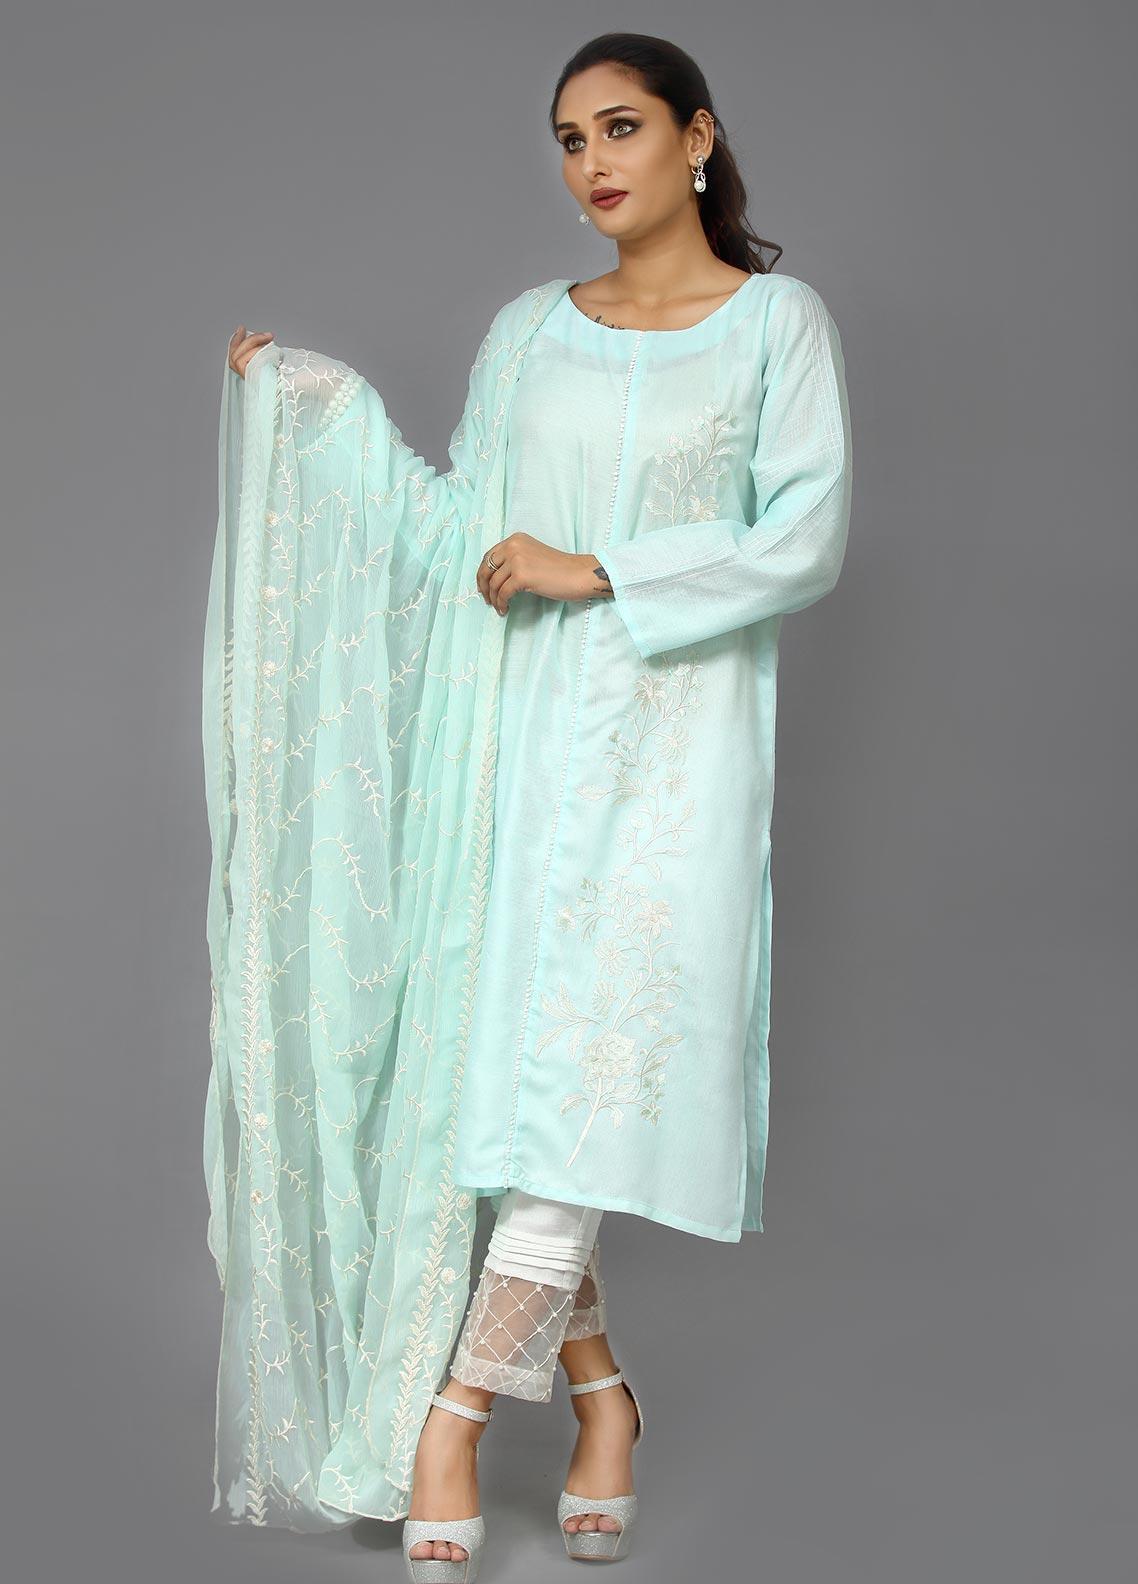 Sheep Casual Cotton Net Stitched 2 Piece Suit SC200378 Mint